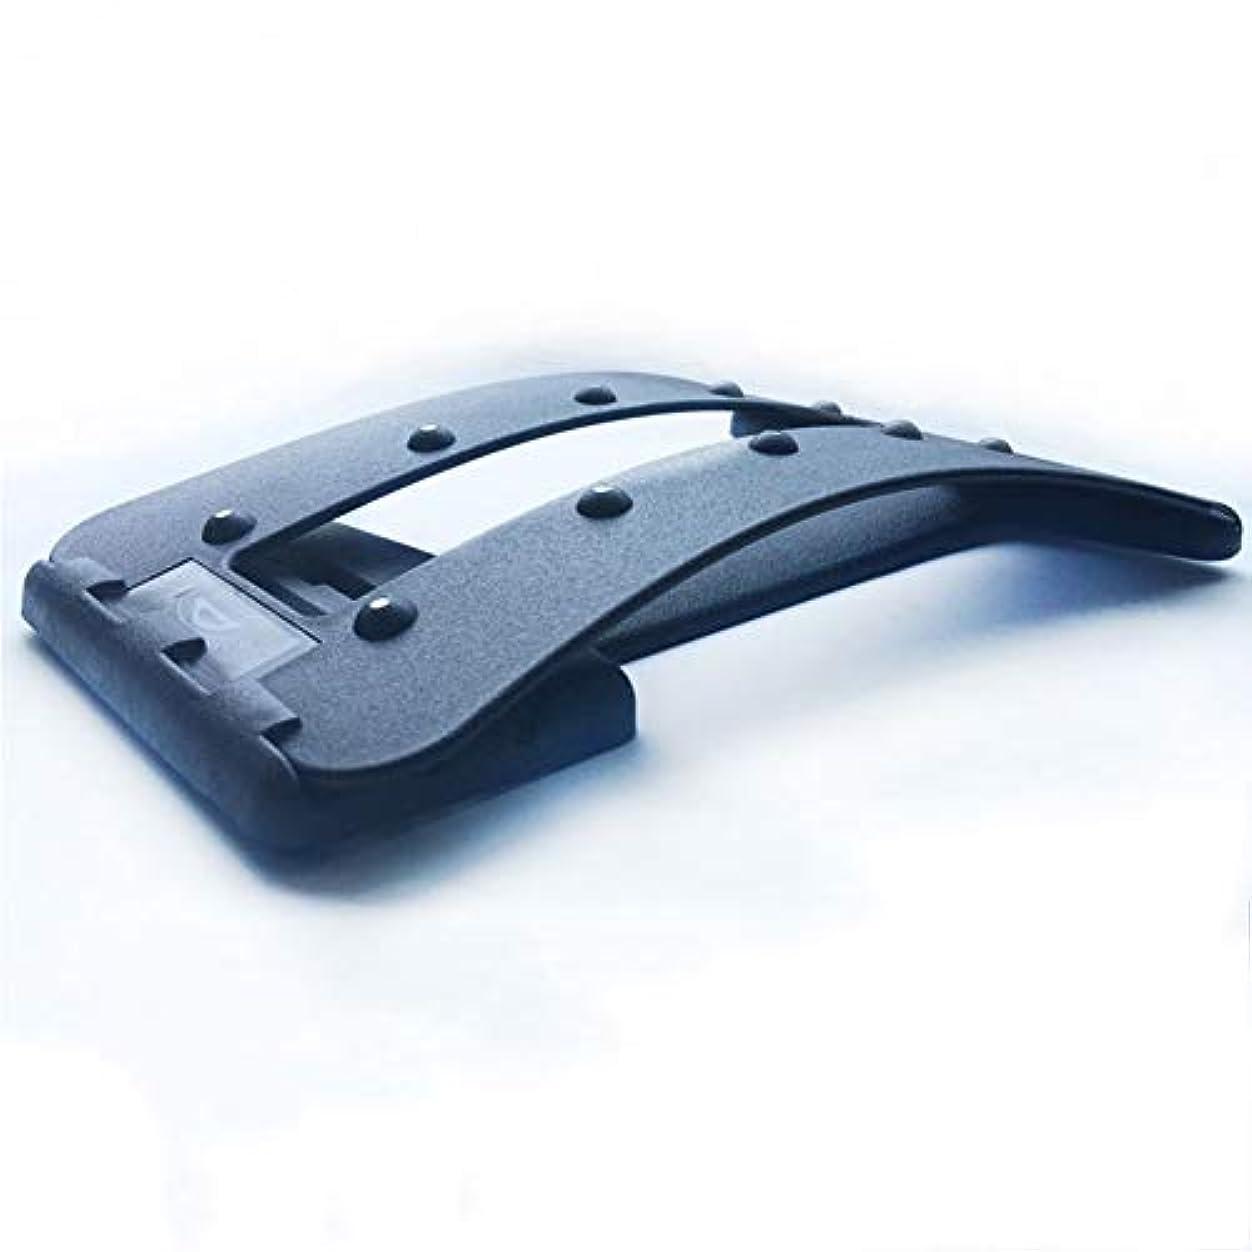 要塞ダッシュ伝染病腰椎矯正 弧状 引っ張り3段階調節 背筋が伸び 家庭用調整可能オフィスランバーマッサージマッサージ湾曲